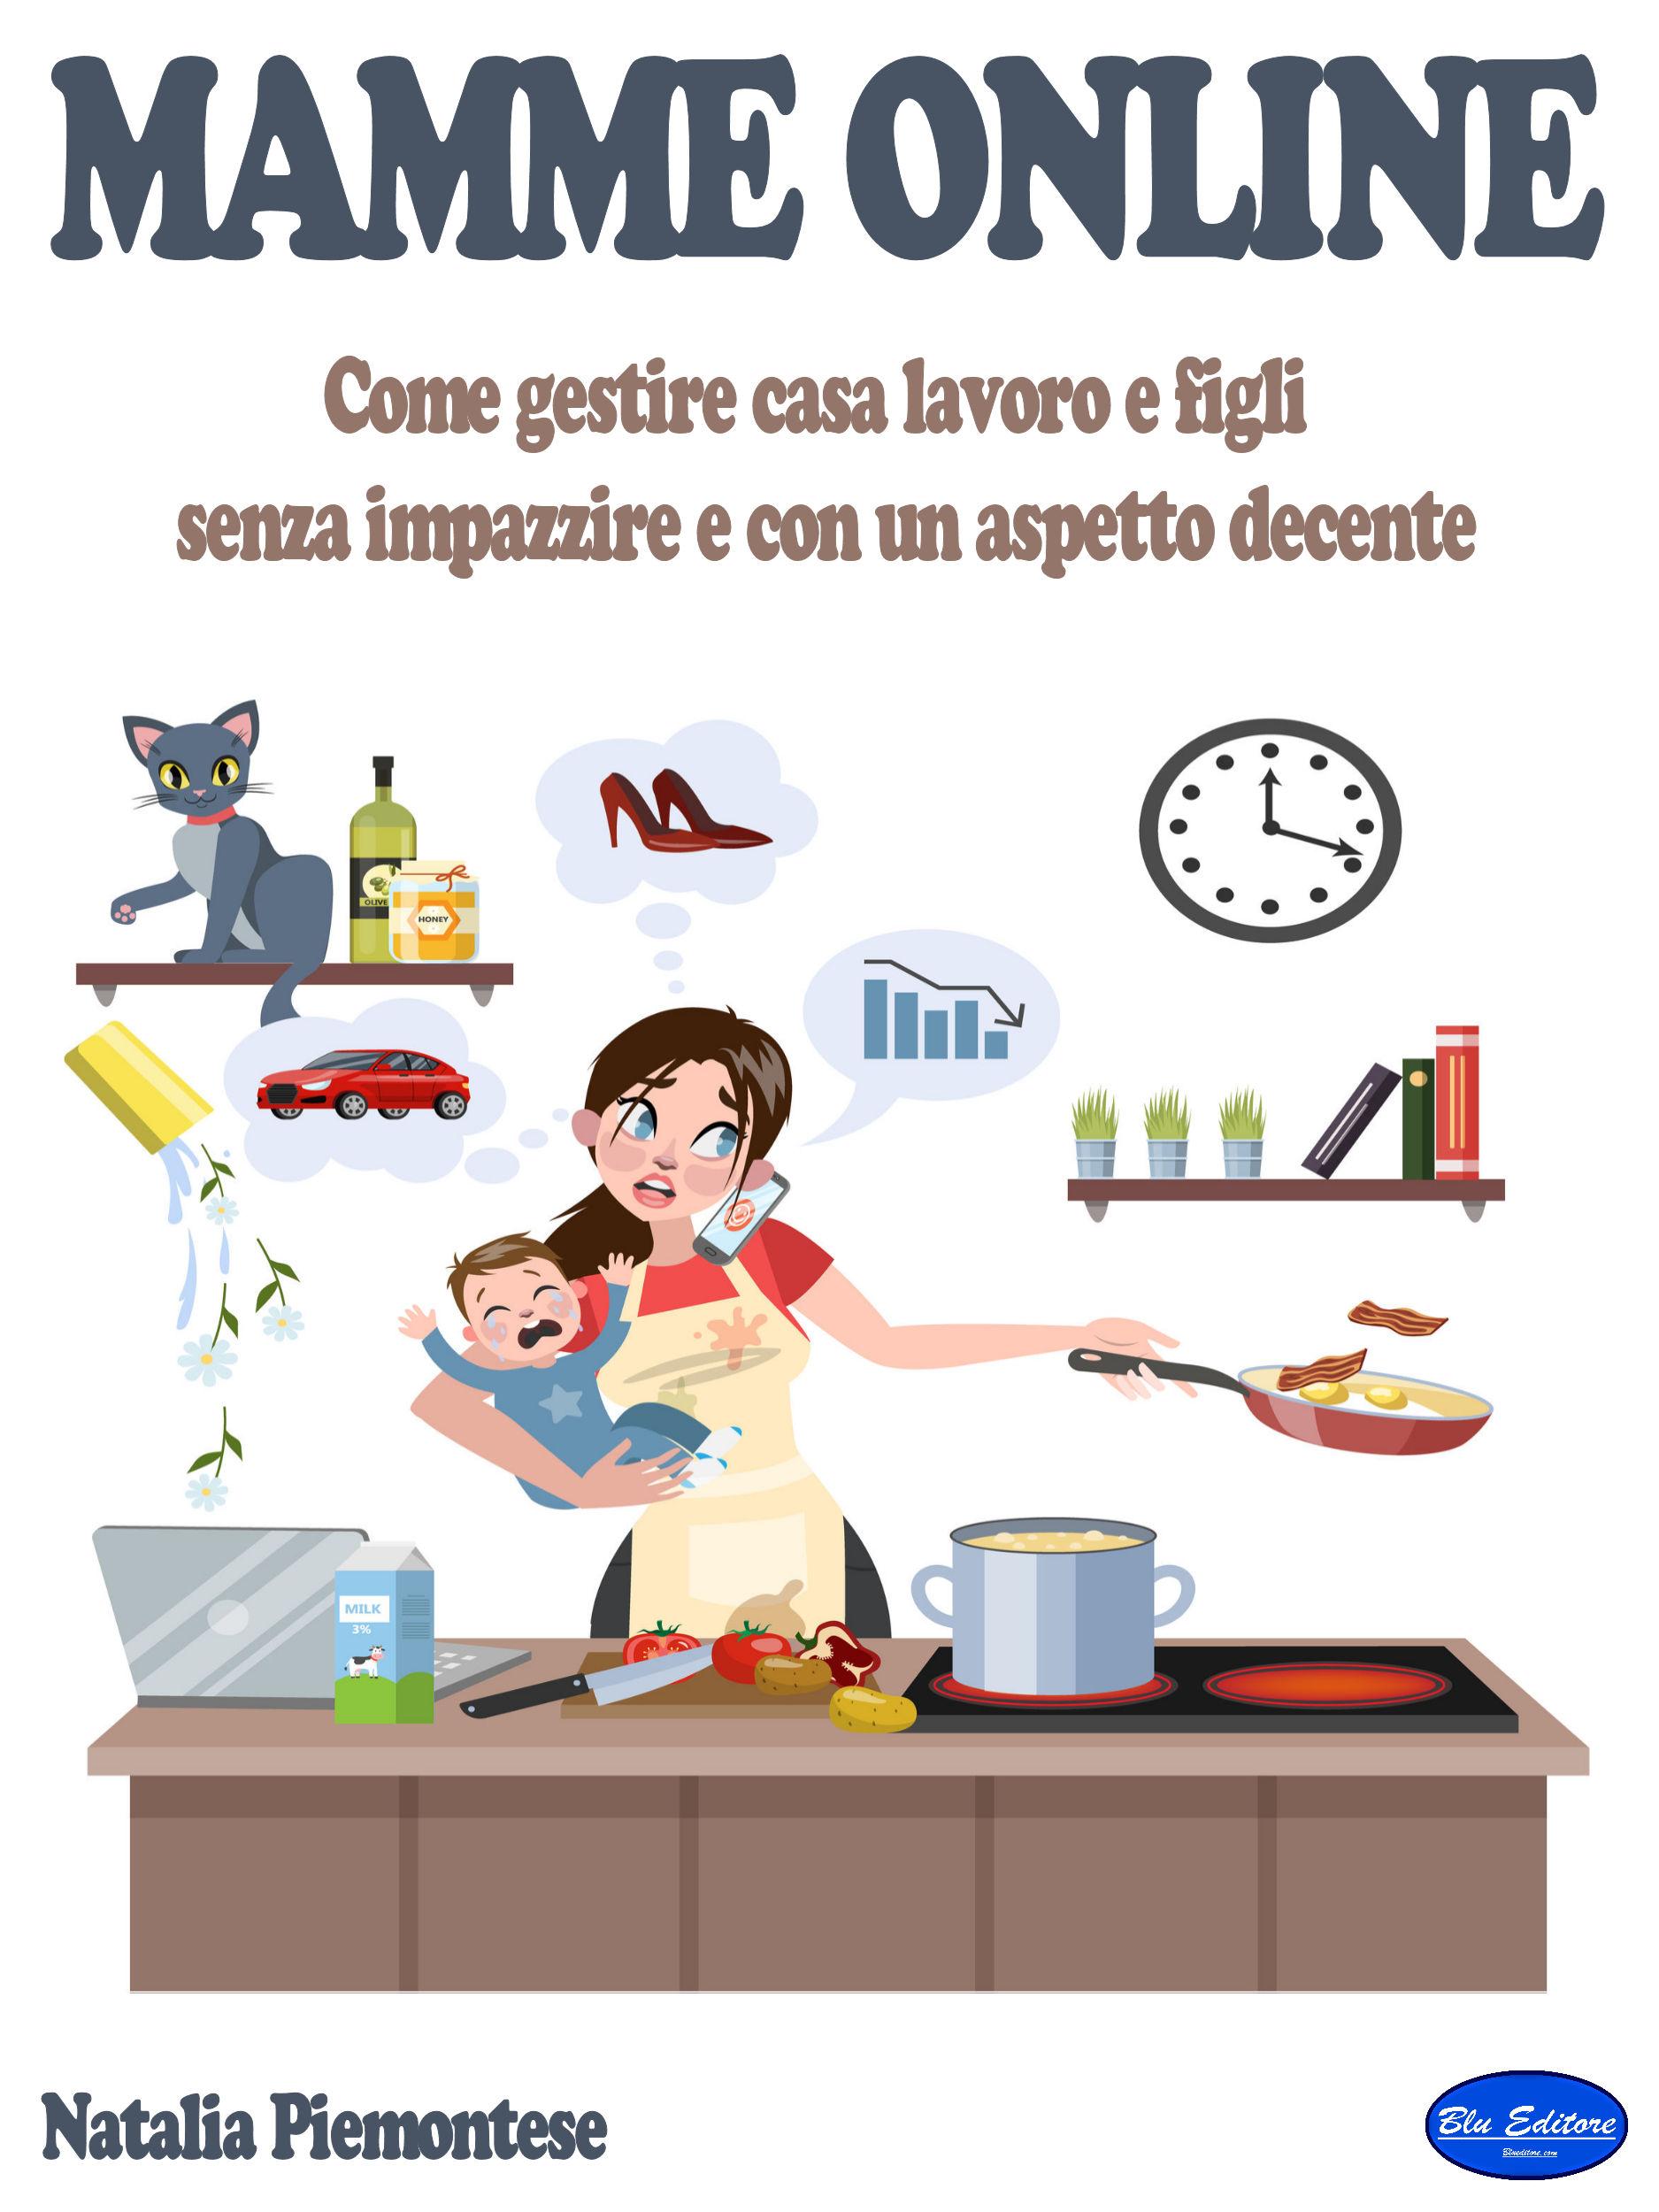 Il nuovo e-book delle Mamme Online è ora pubblicato!